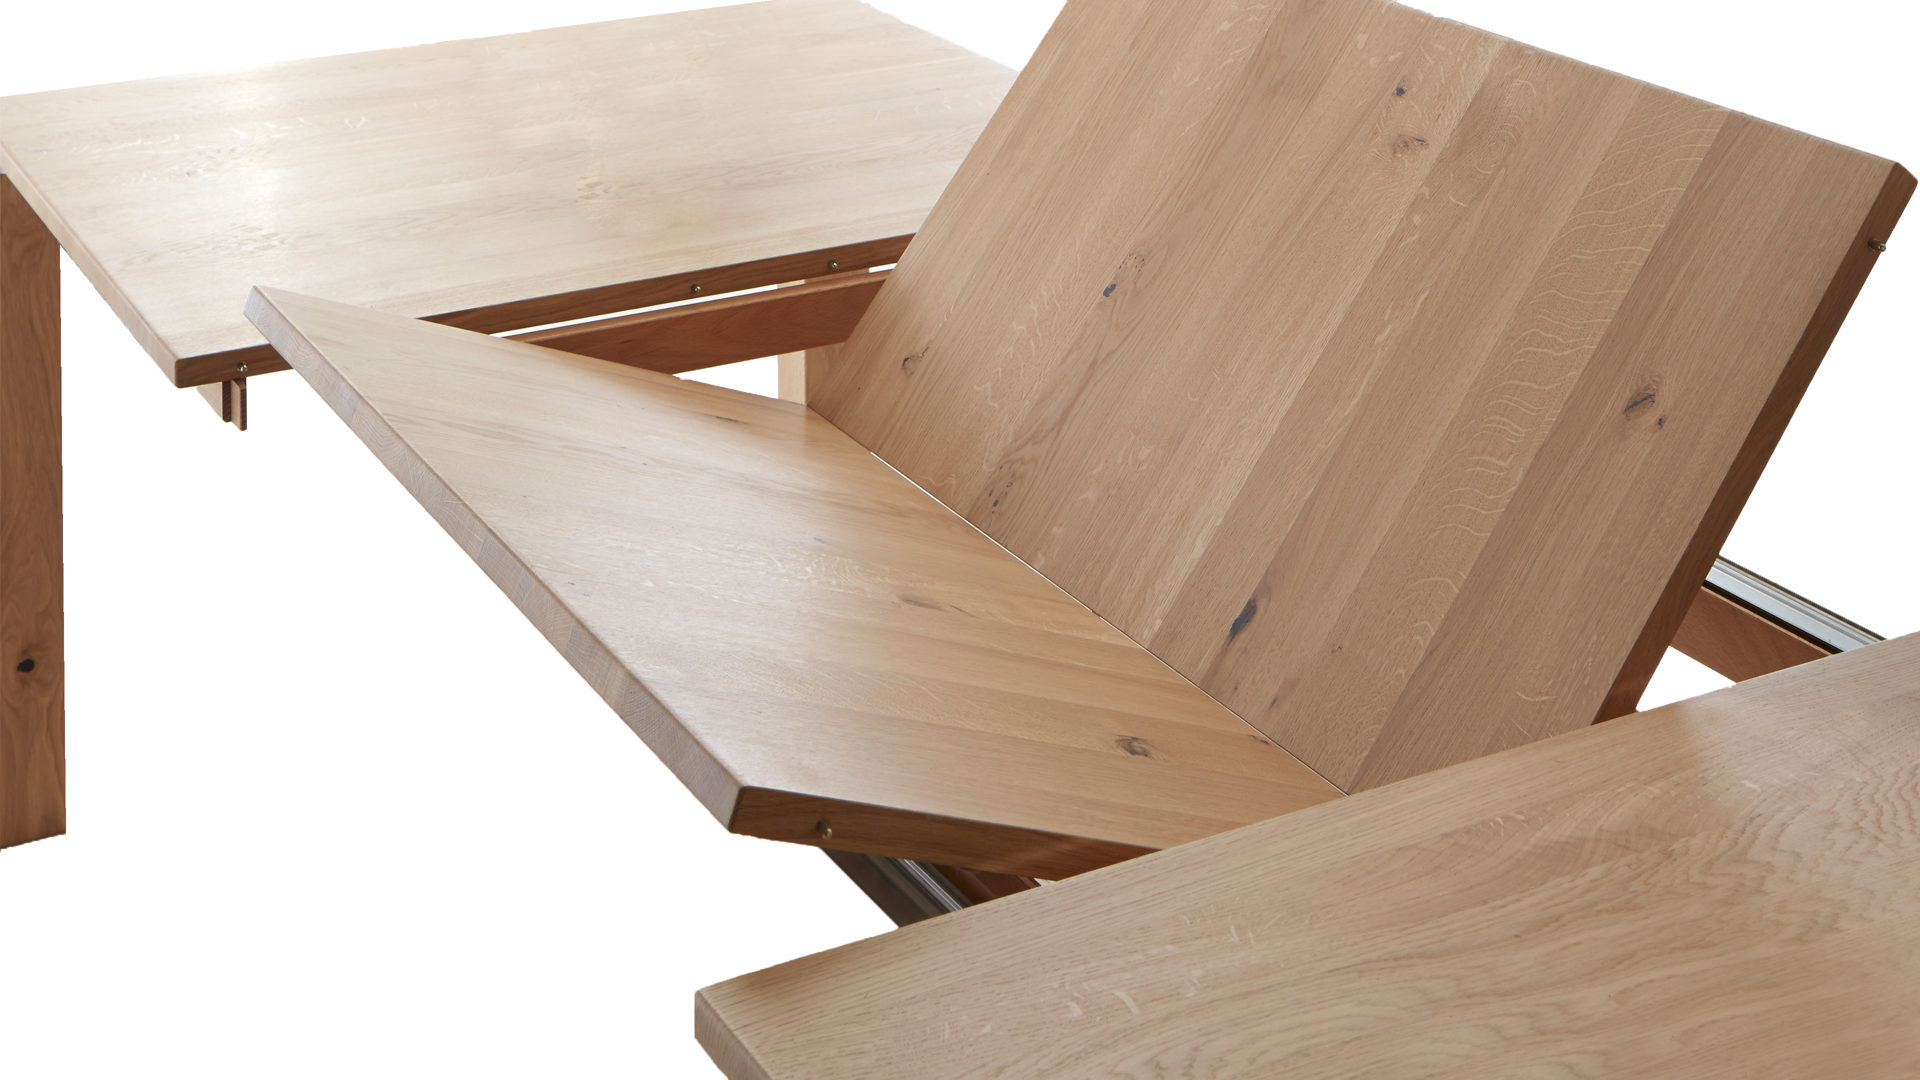 Wohnland Breitwieser Raume Esszimmer Tische Auszugtisch